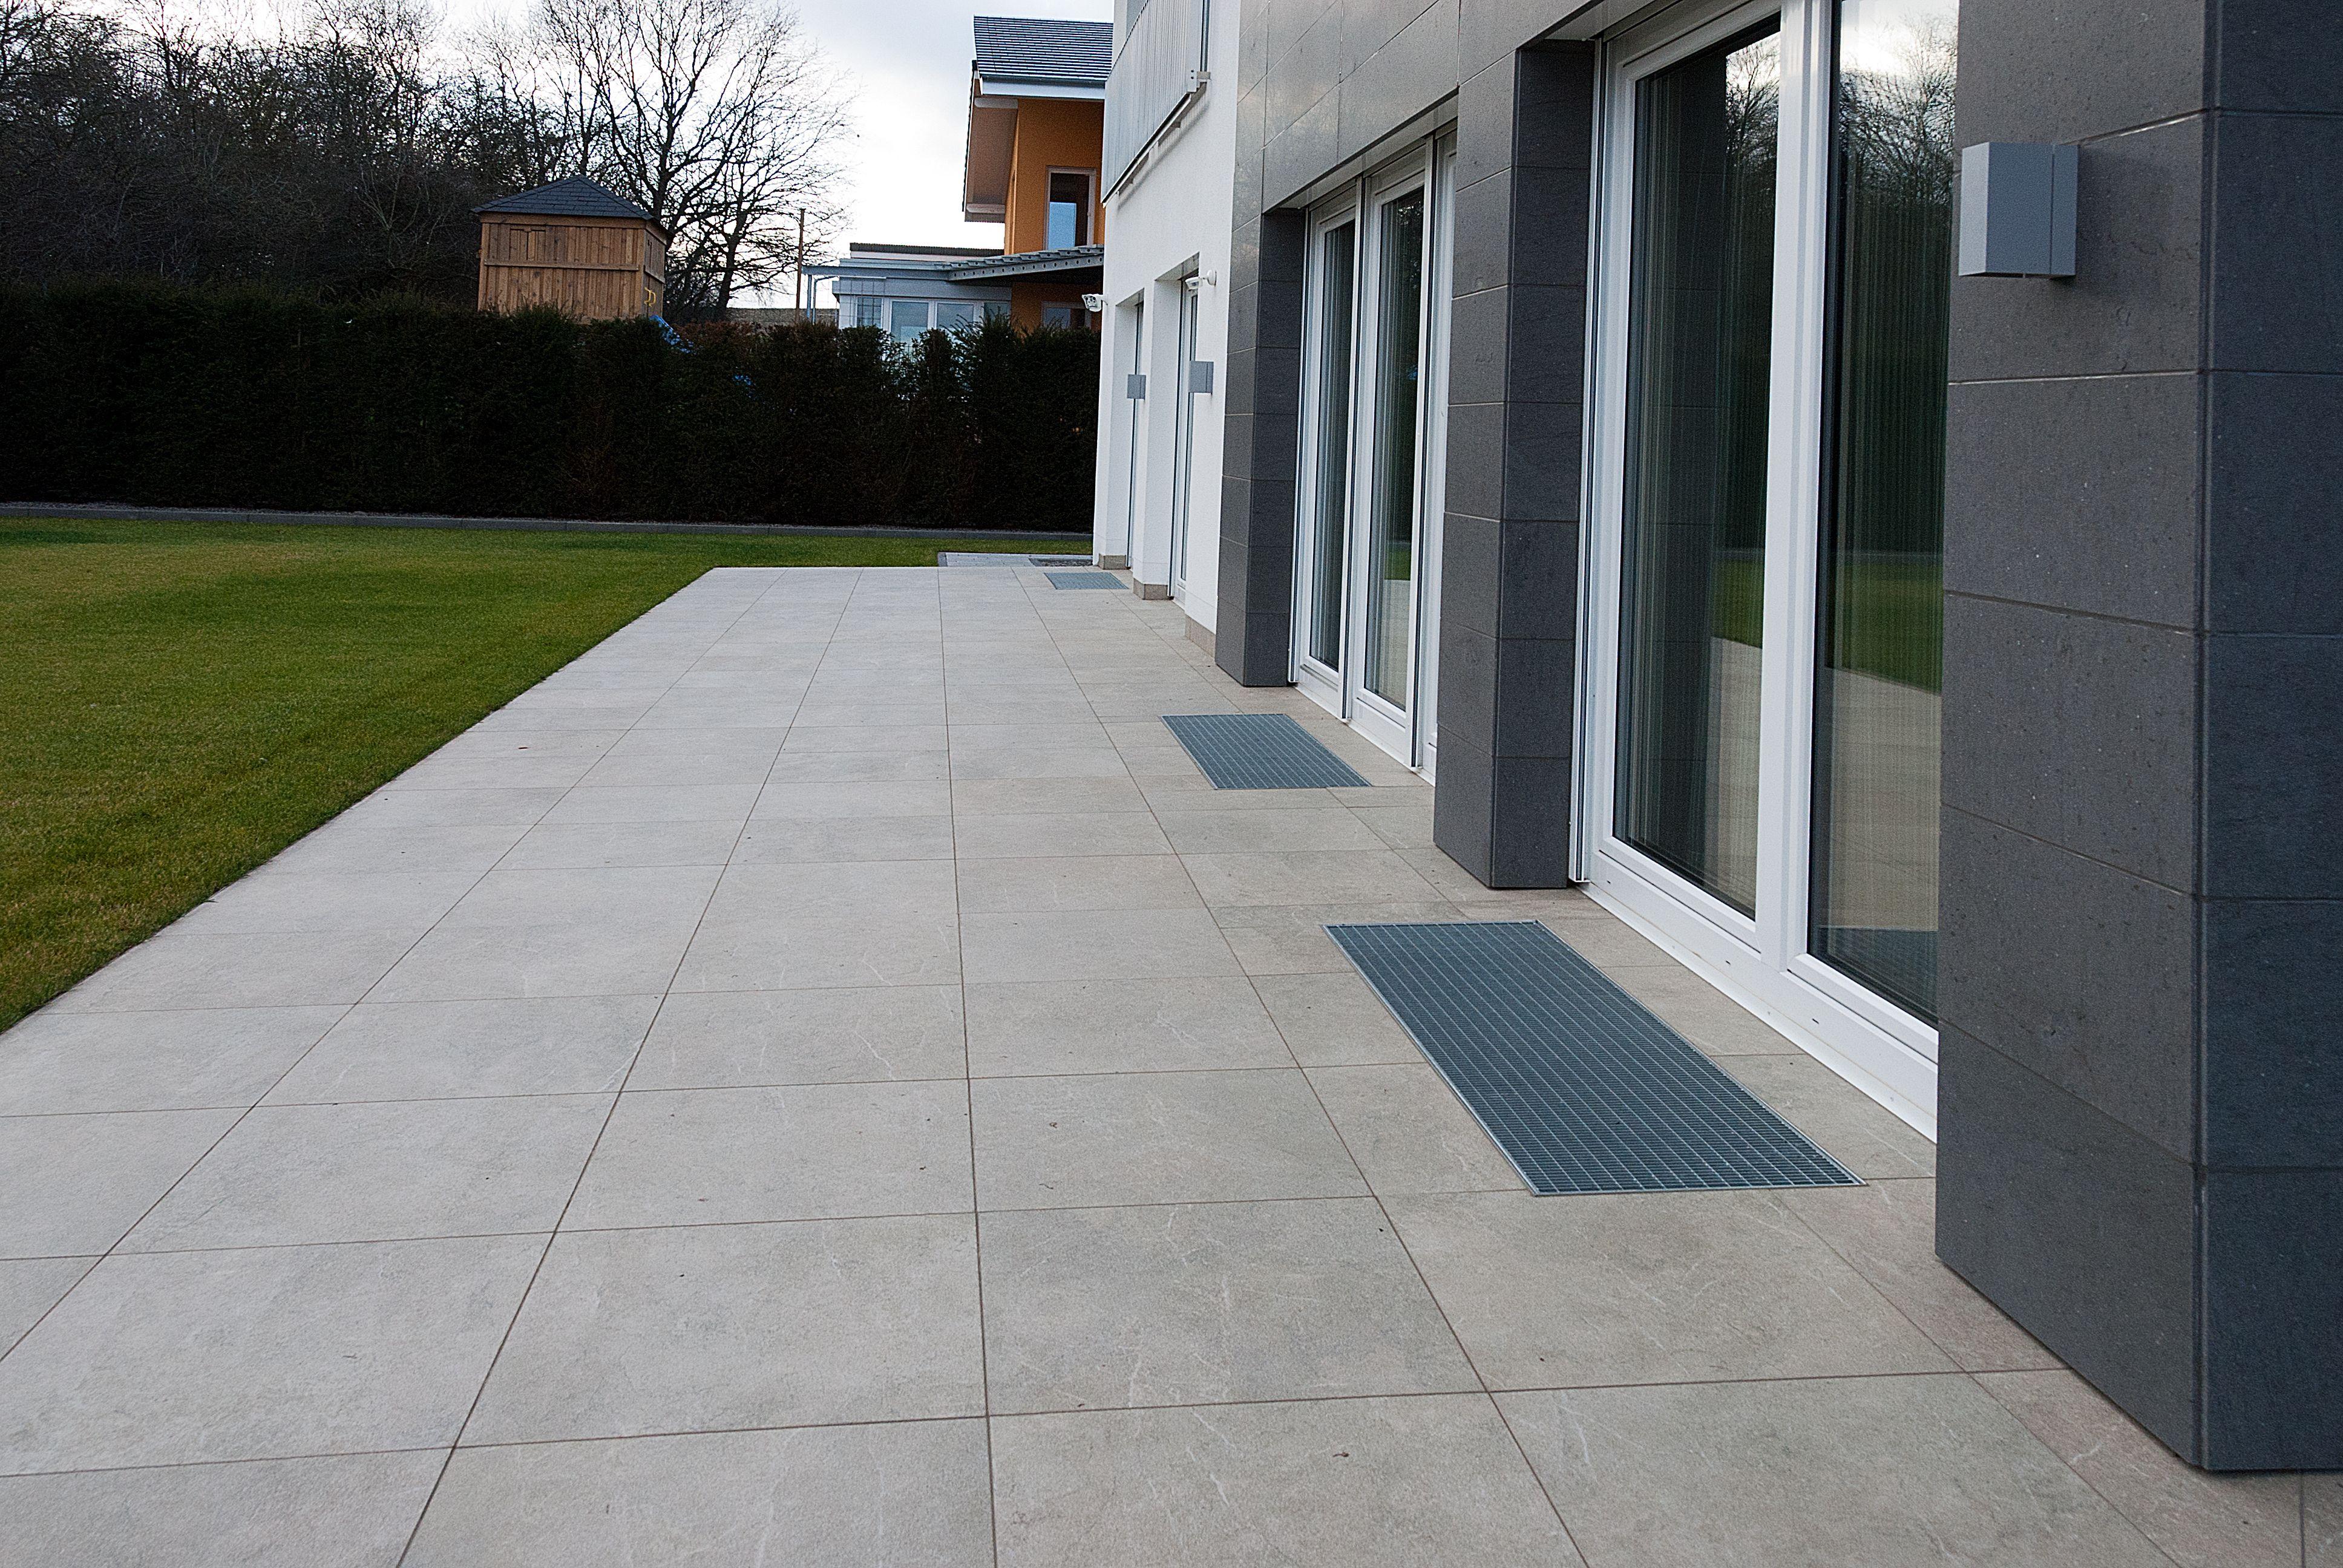 tolles linea terrassenplatten seite abbild der fdbcaedffdcdaf